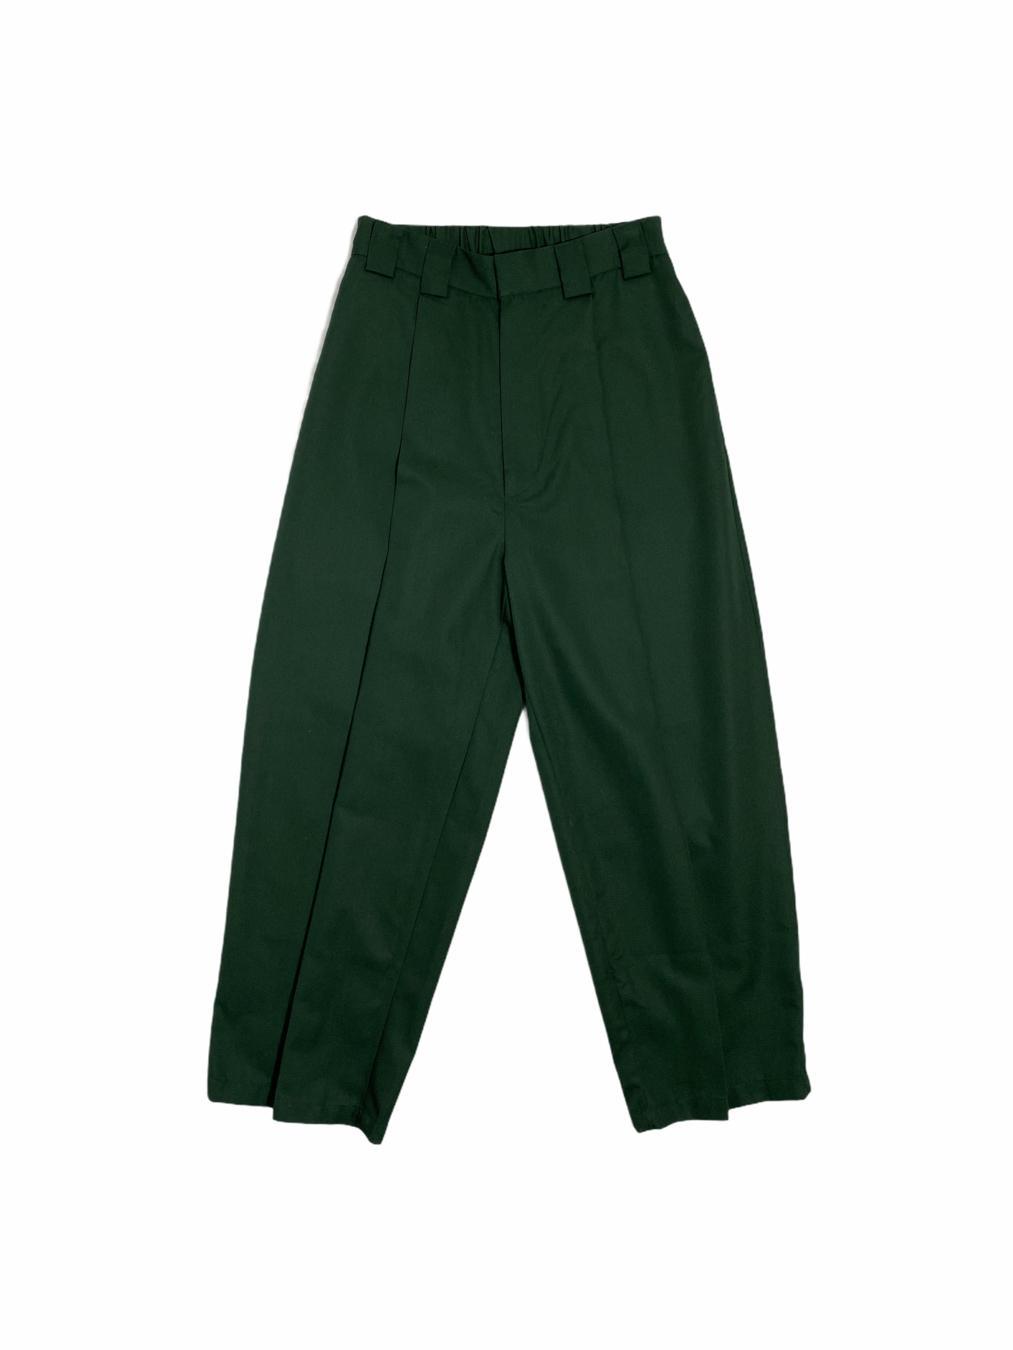 I Miss You Pants (Green)